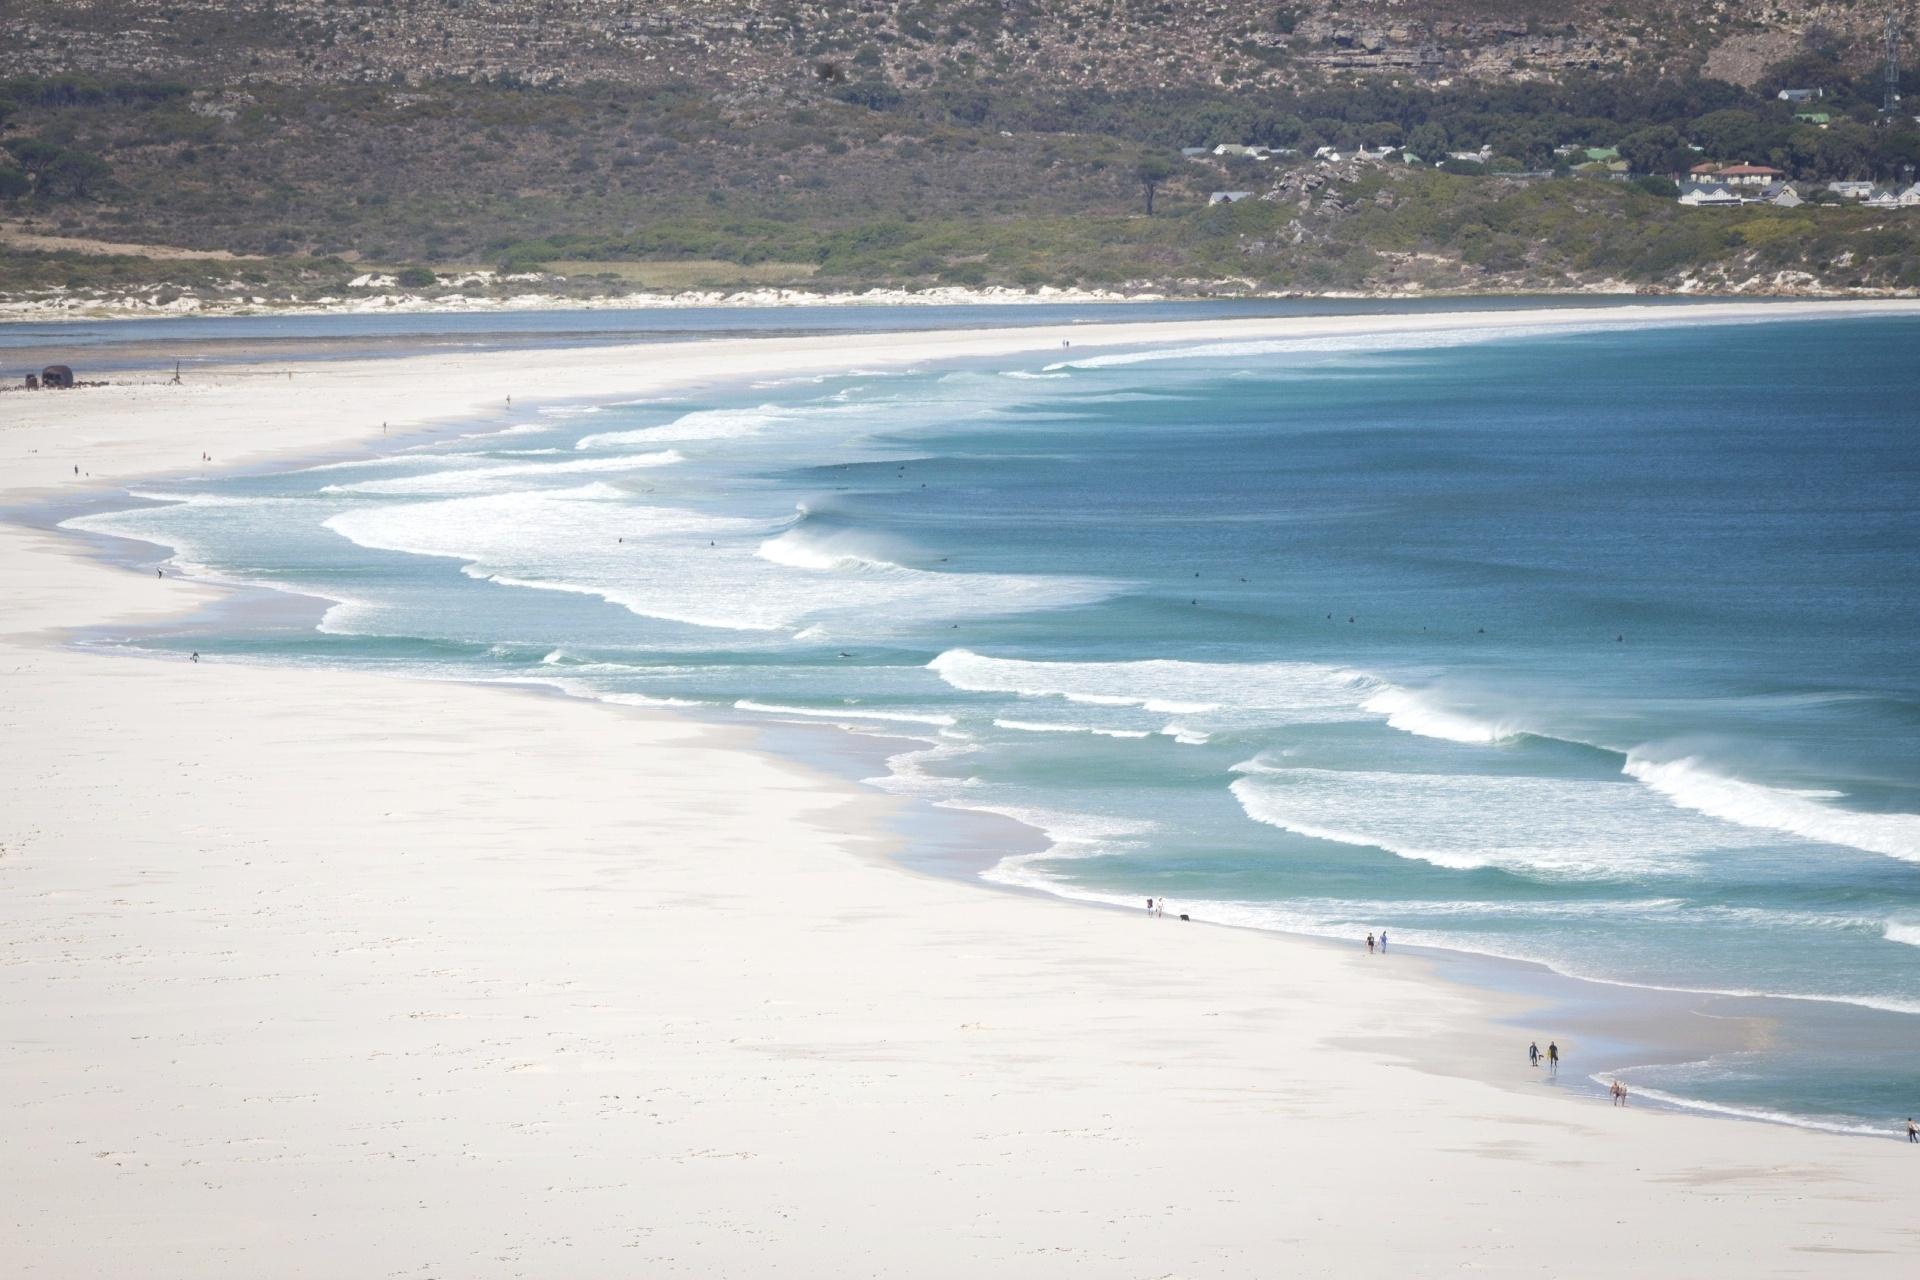 ケープタウン ノードホークの風景 南アフリカの風景